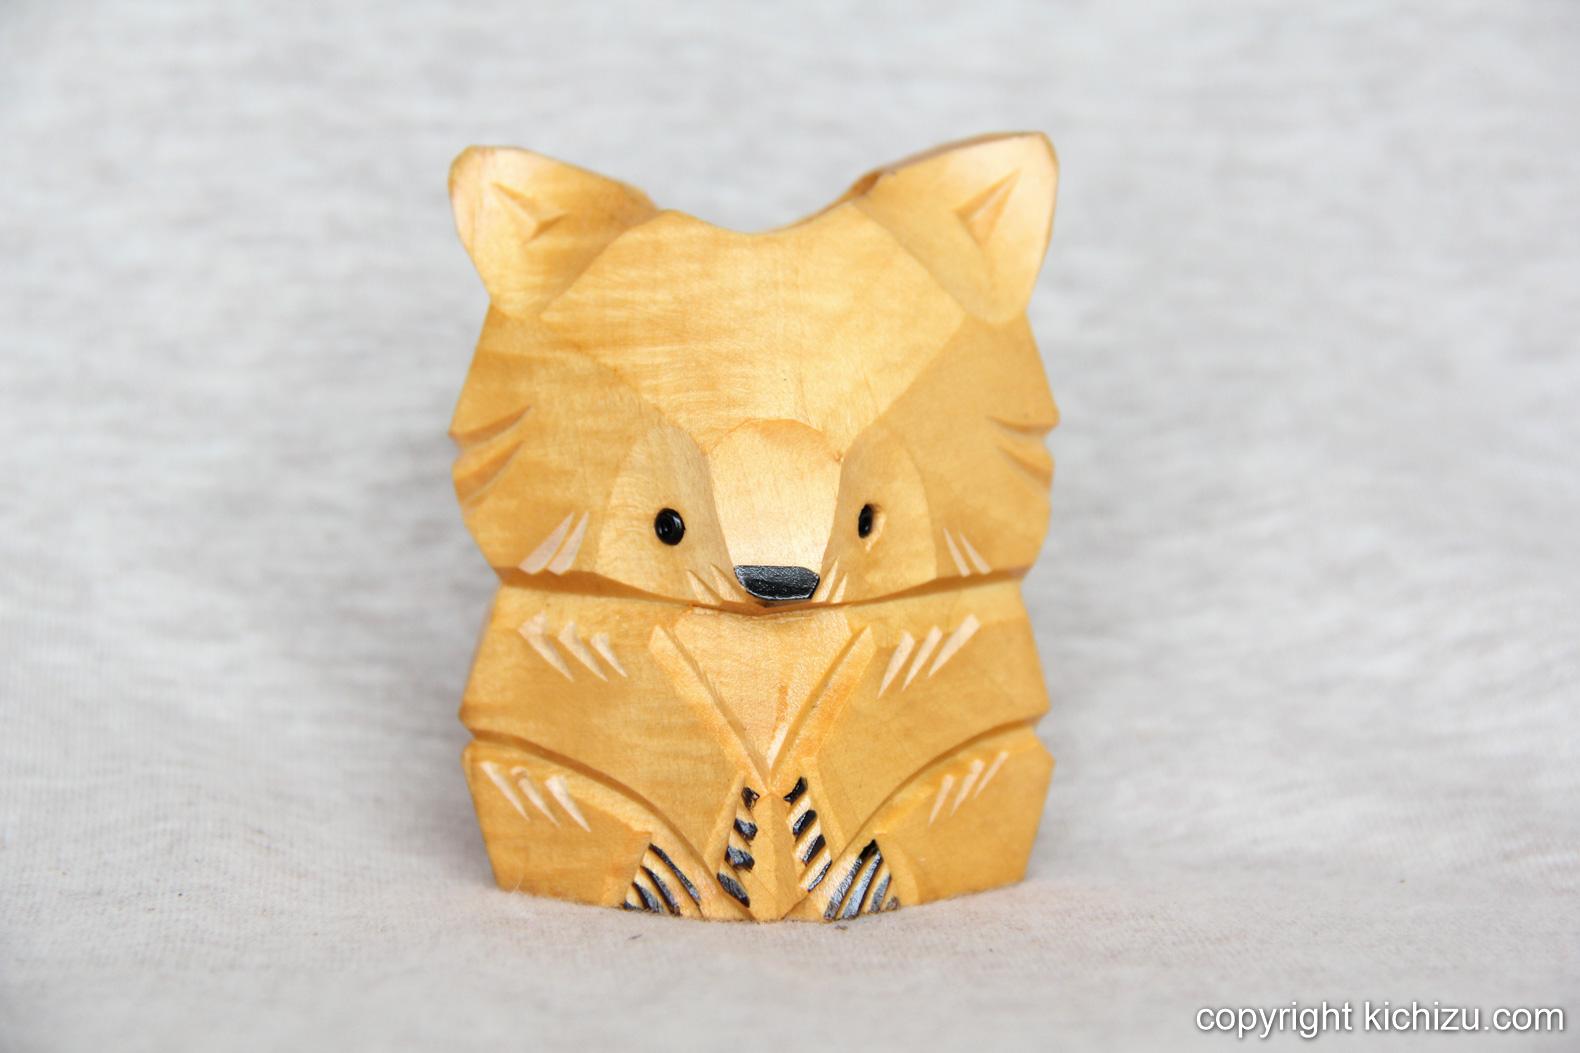 15cmぐらいの小さくてかわいらしい狐の置物。